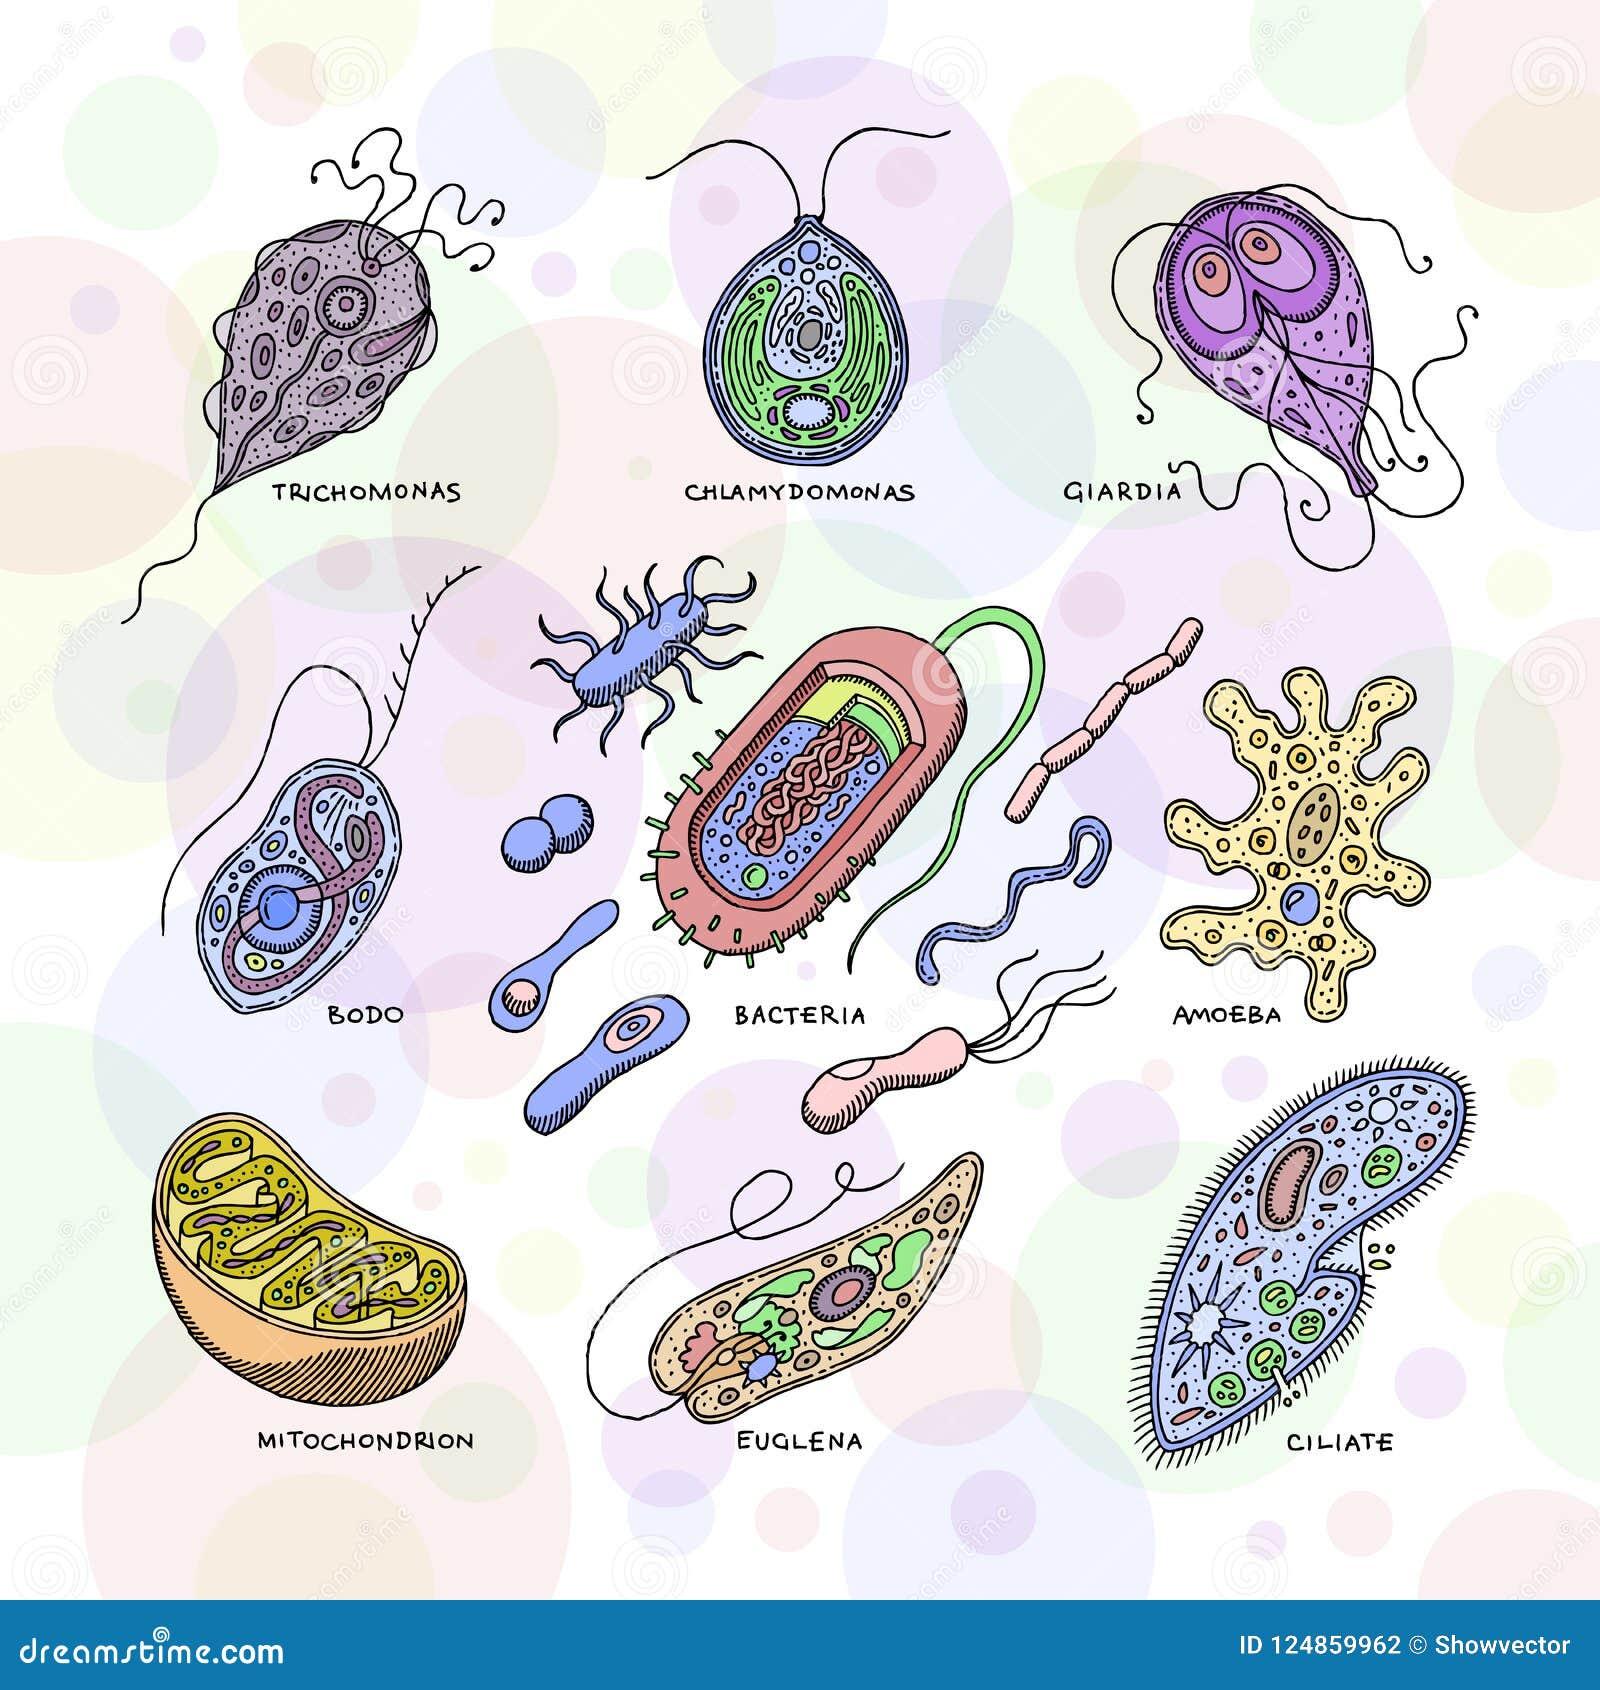 ciuperci bacterii viruși paraziți